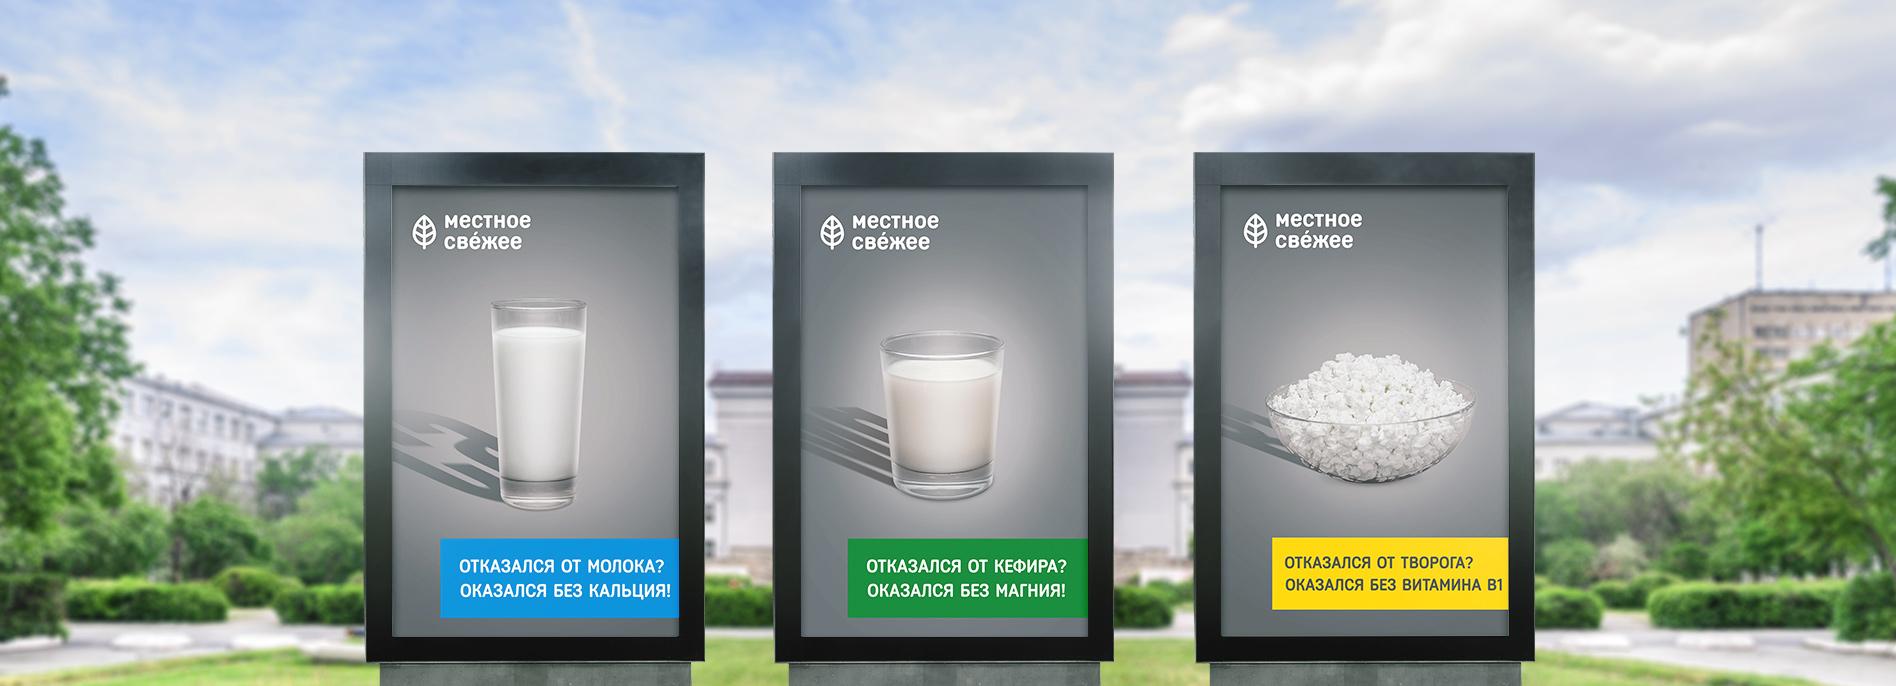 Социальная реклама молока